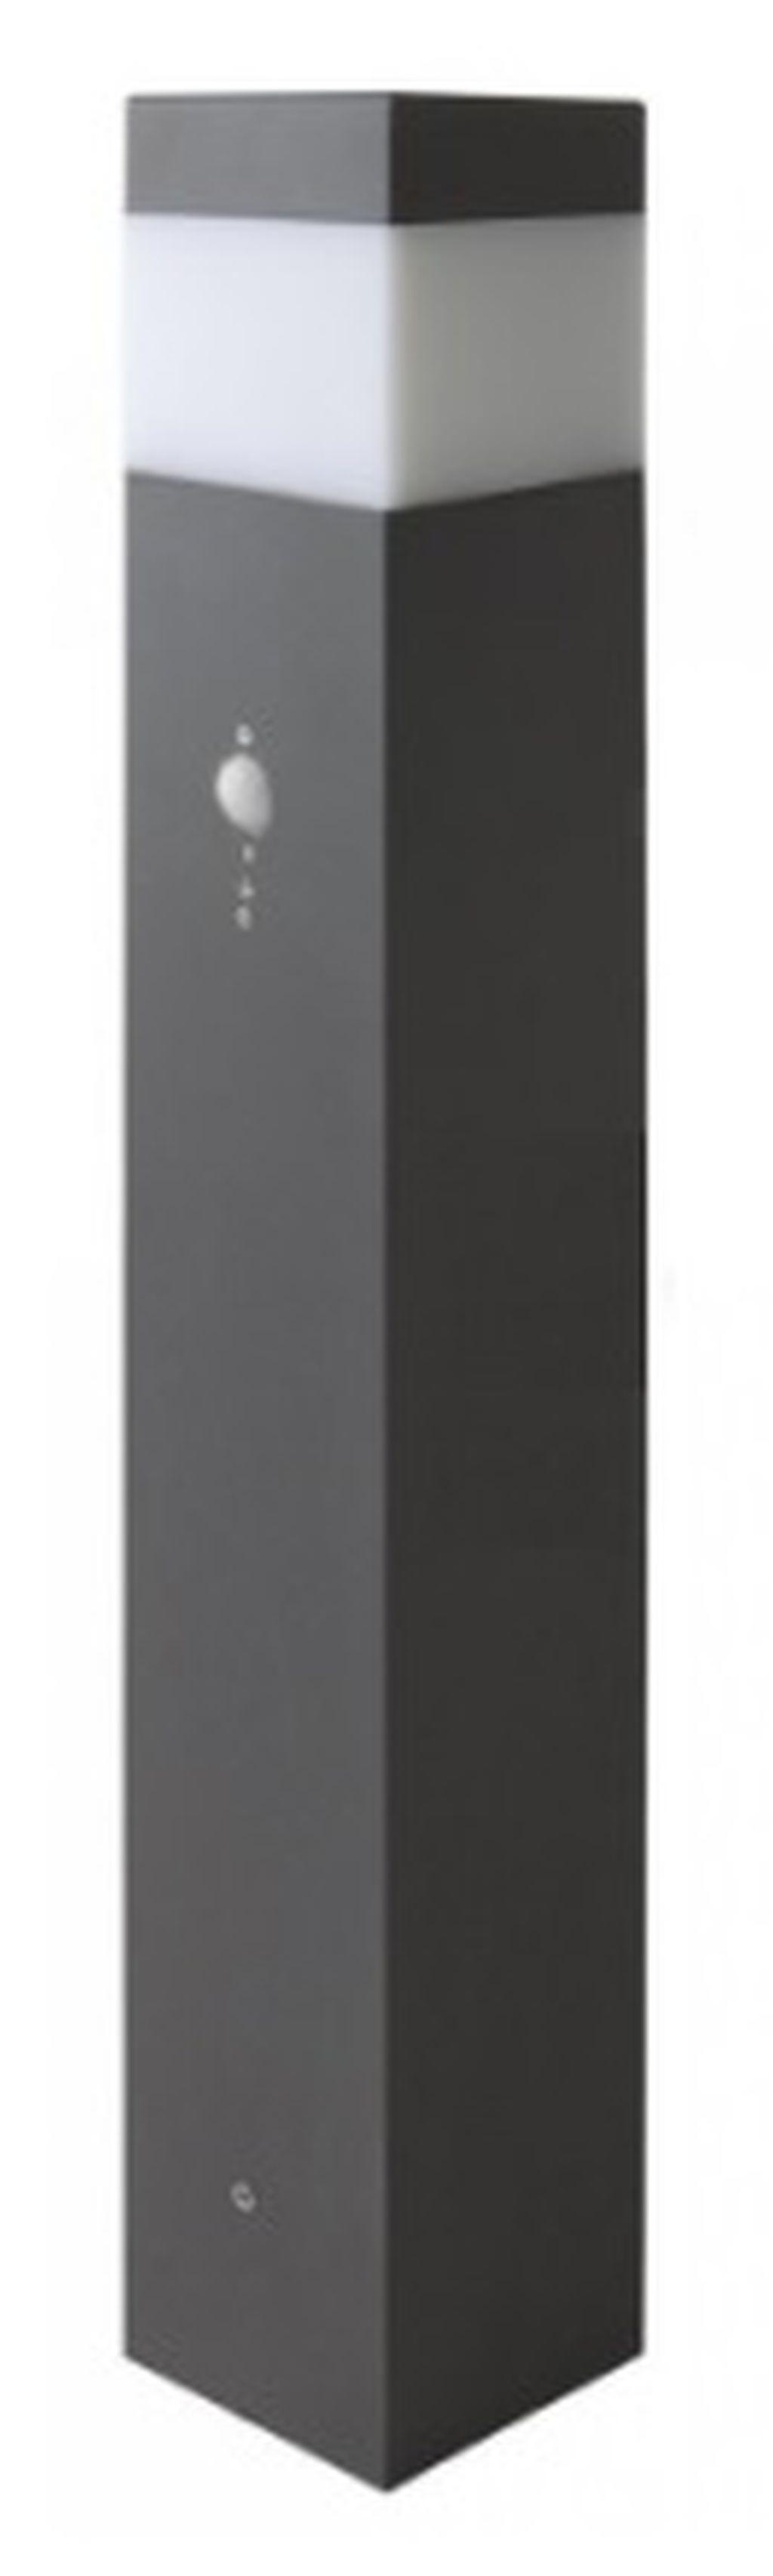 PANLUX GARD 76 zahradní svítidlo se senzorem, šedá VOS-E14